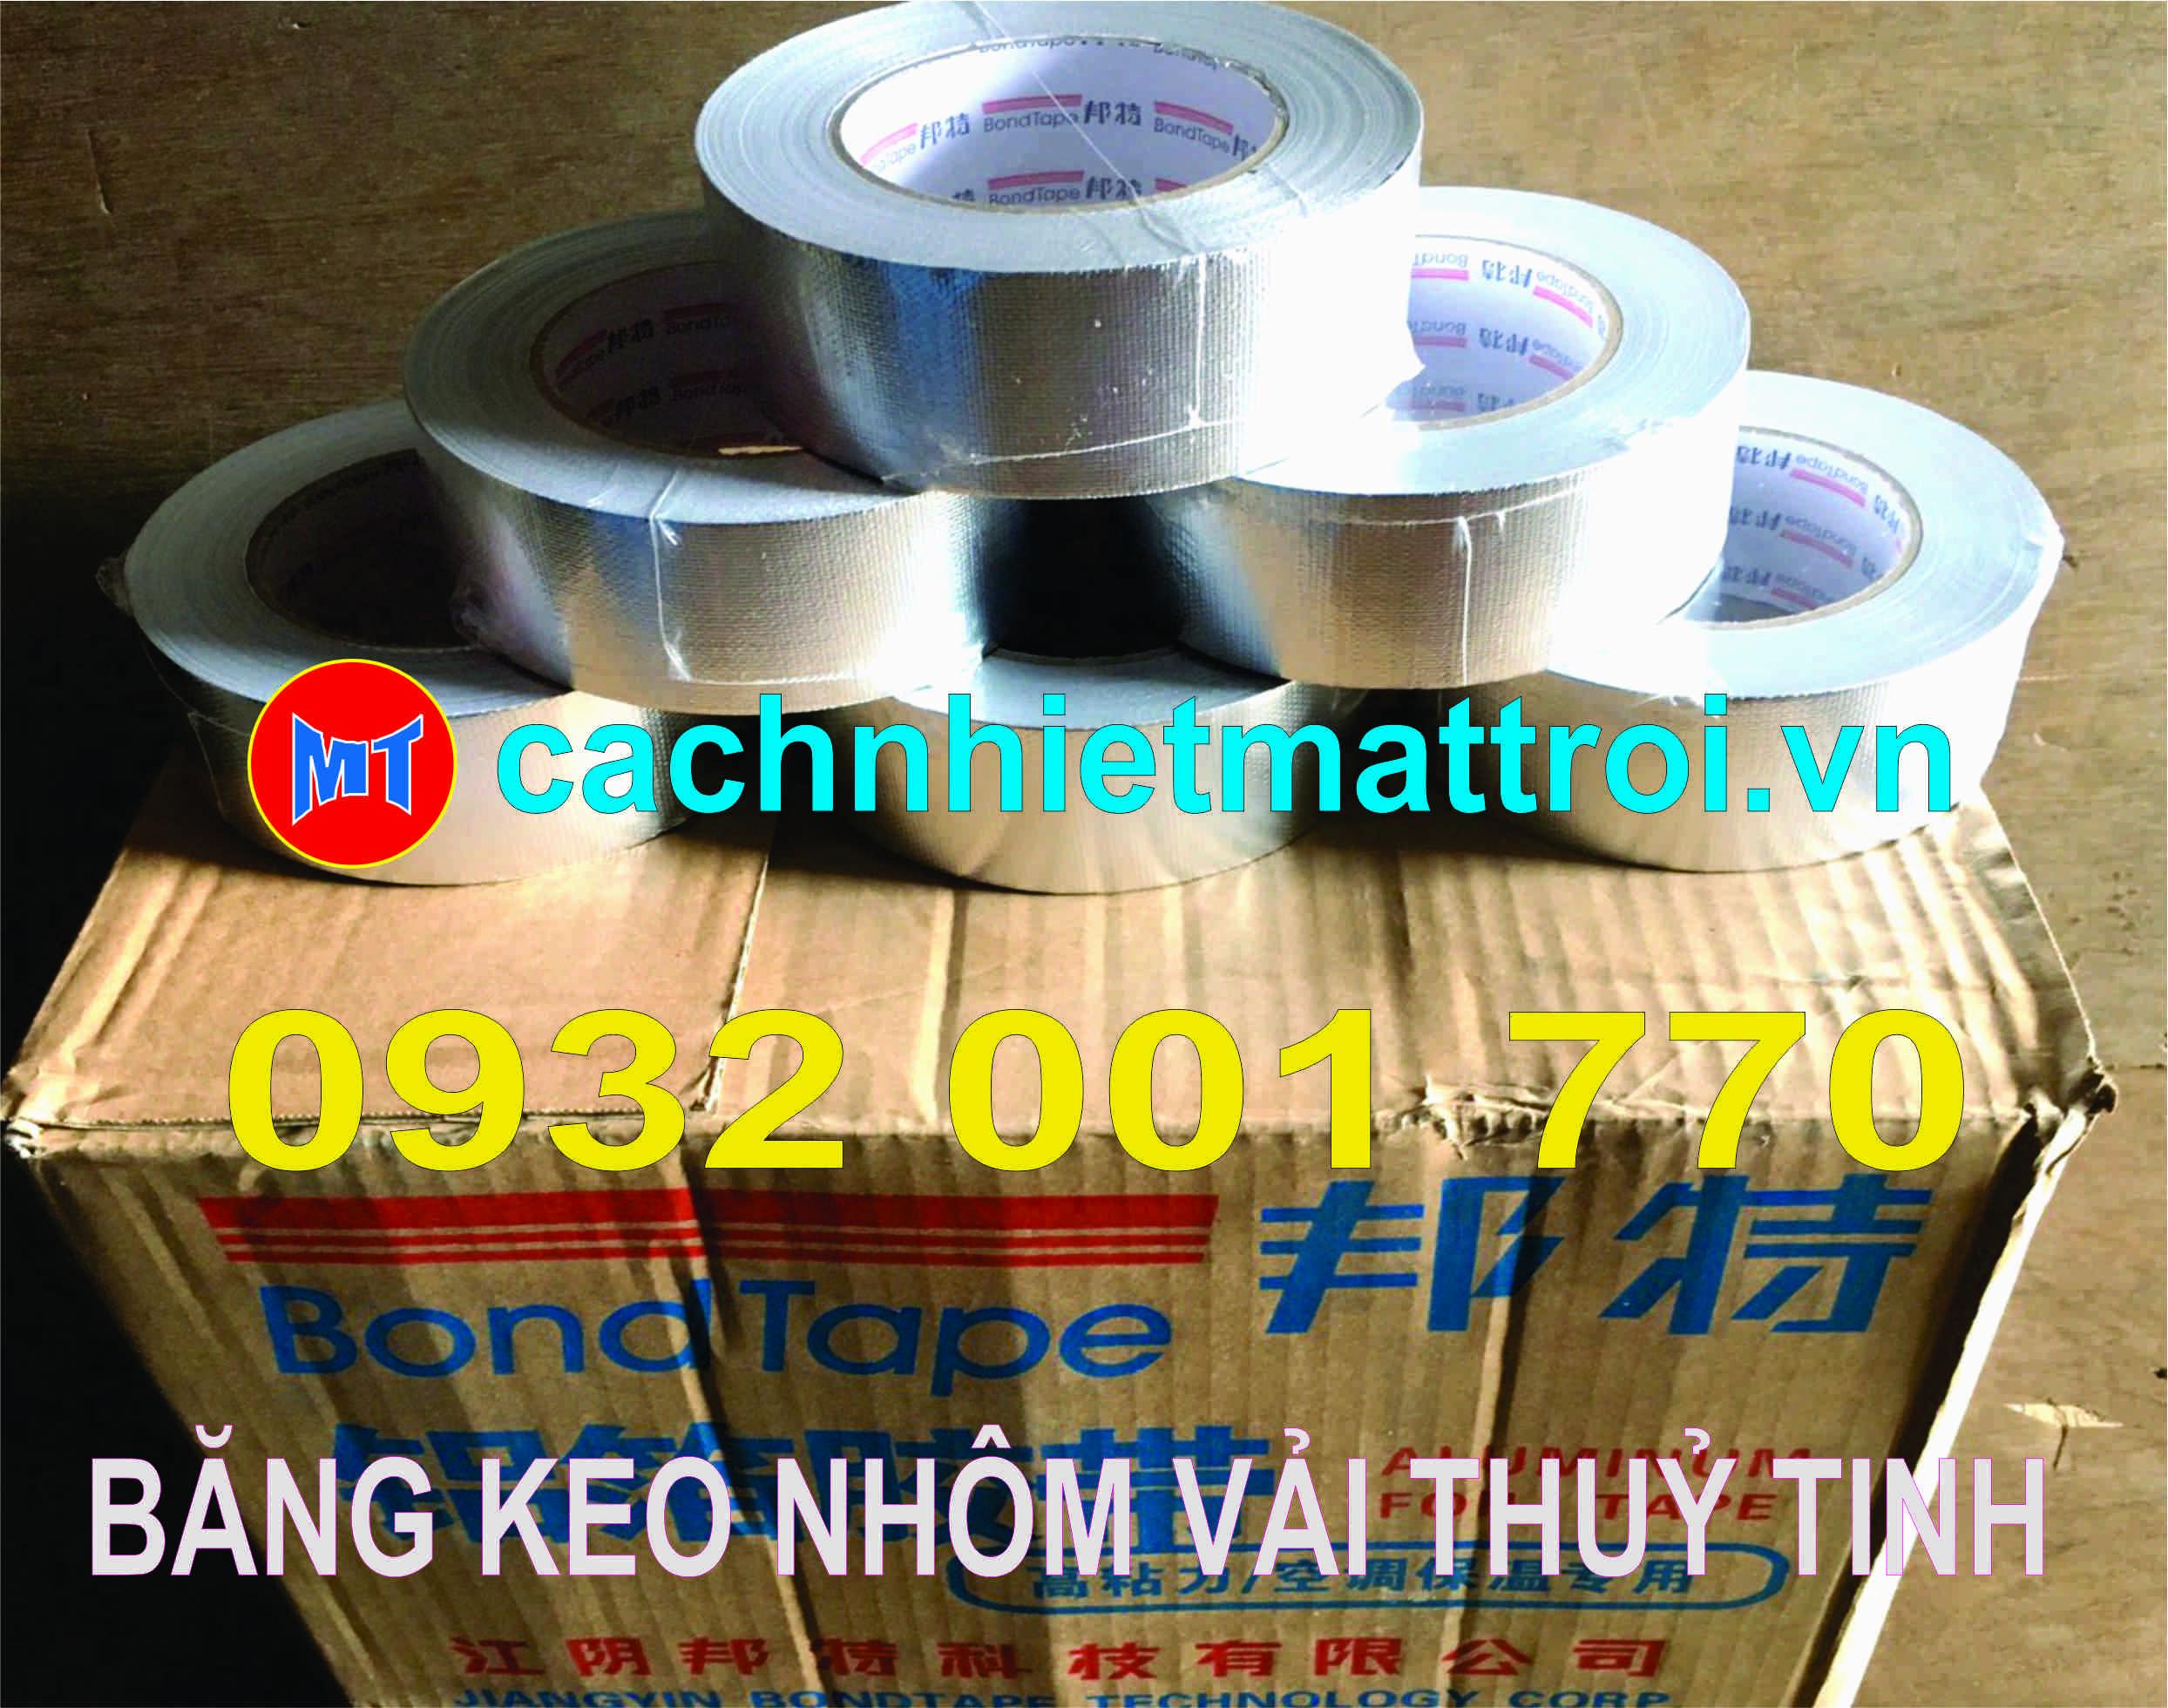 hình 3 BĂNG KEO NHÔM CÓ GÂN - BĂNG KEO BẠC VẢI THUỶ TINH -  BONDTAPE.